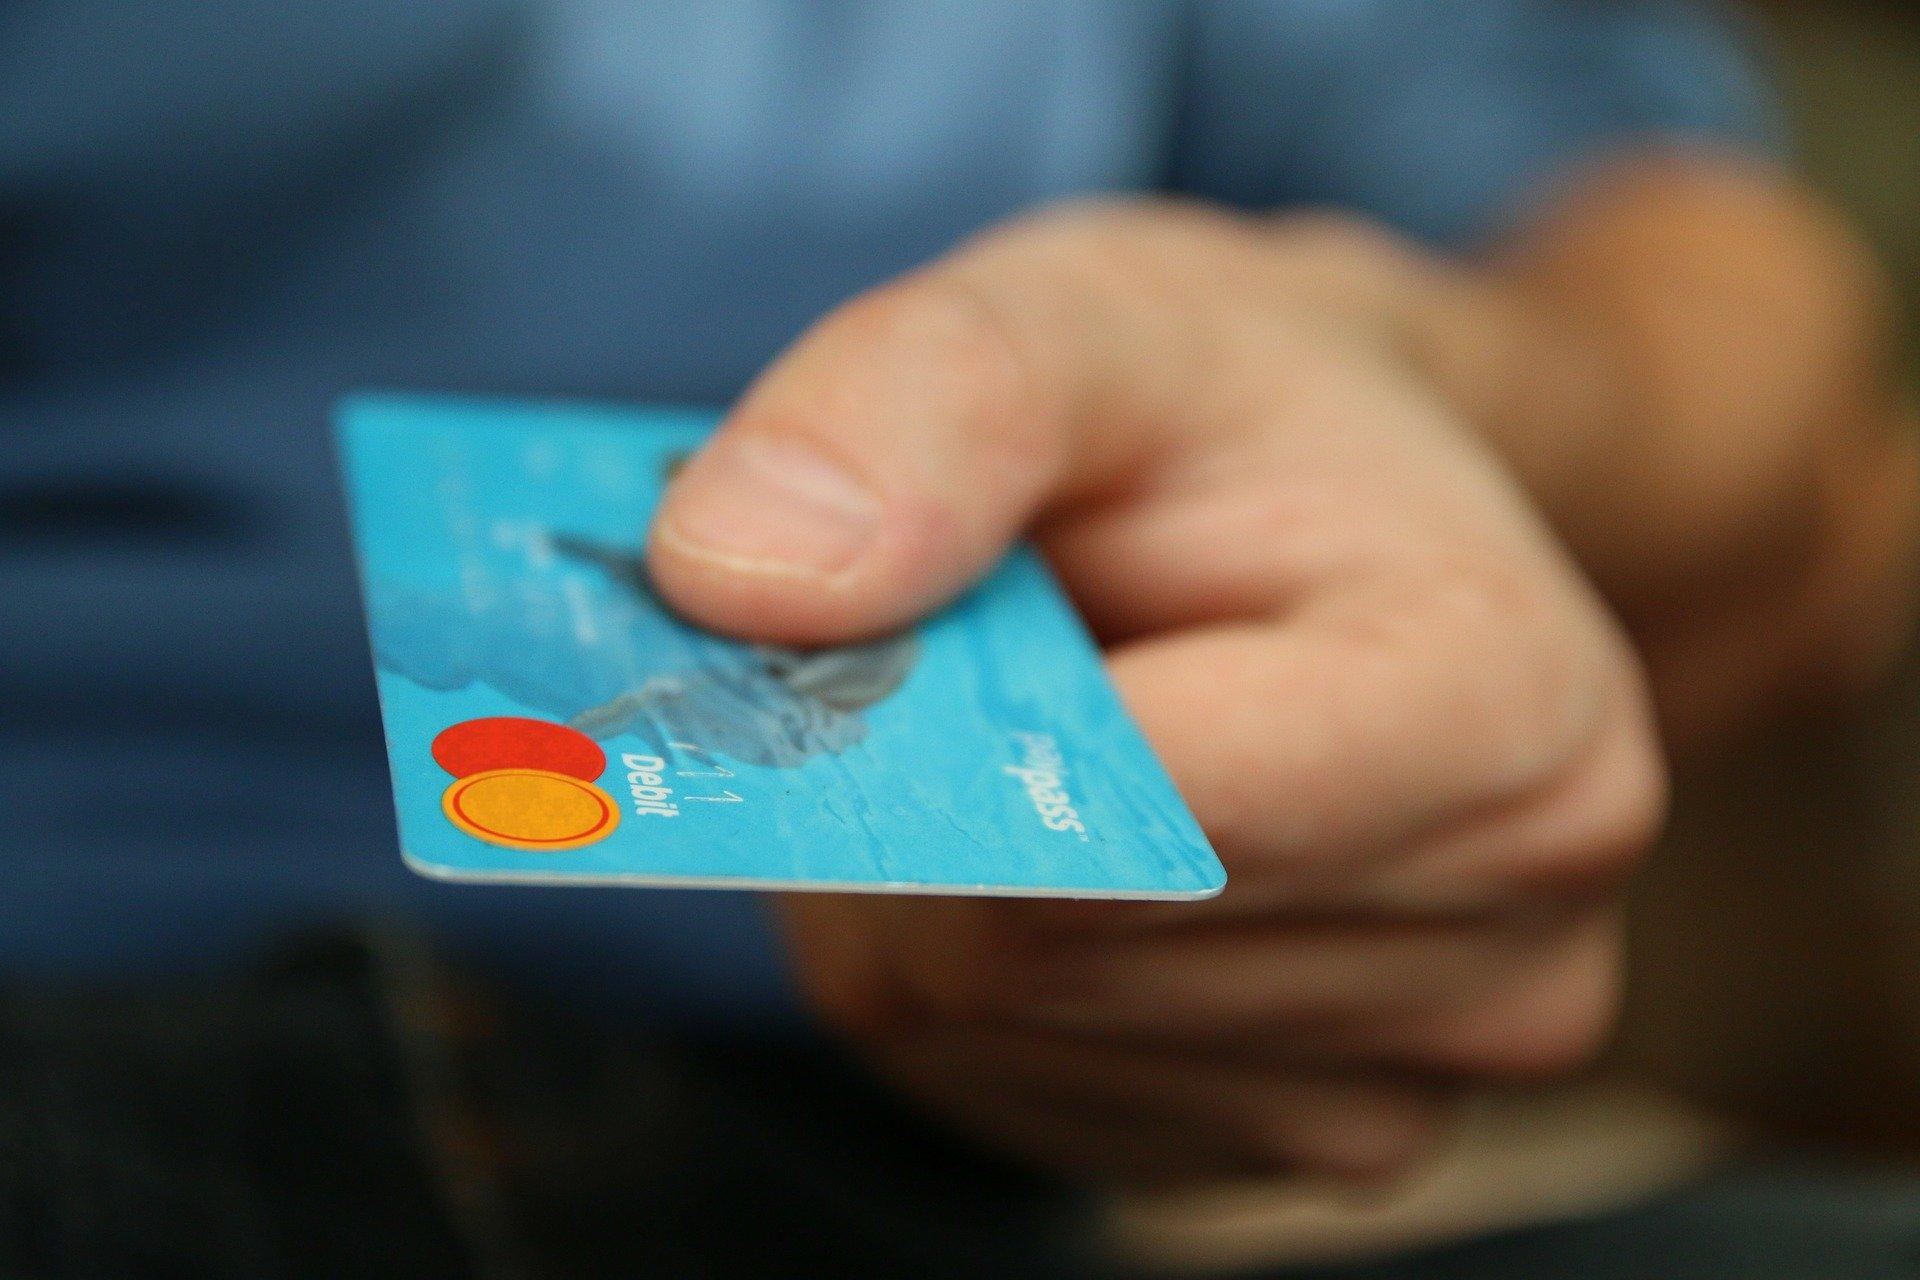 Carta revolving o prestito? Ecco tutte le differenze